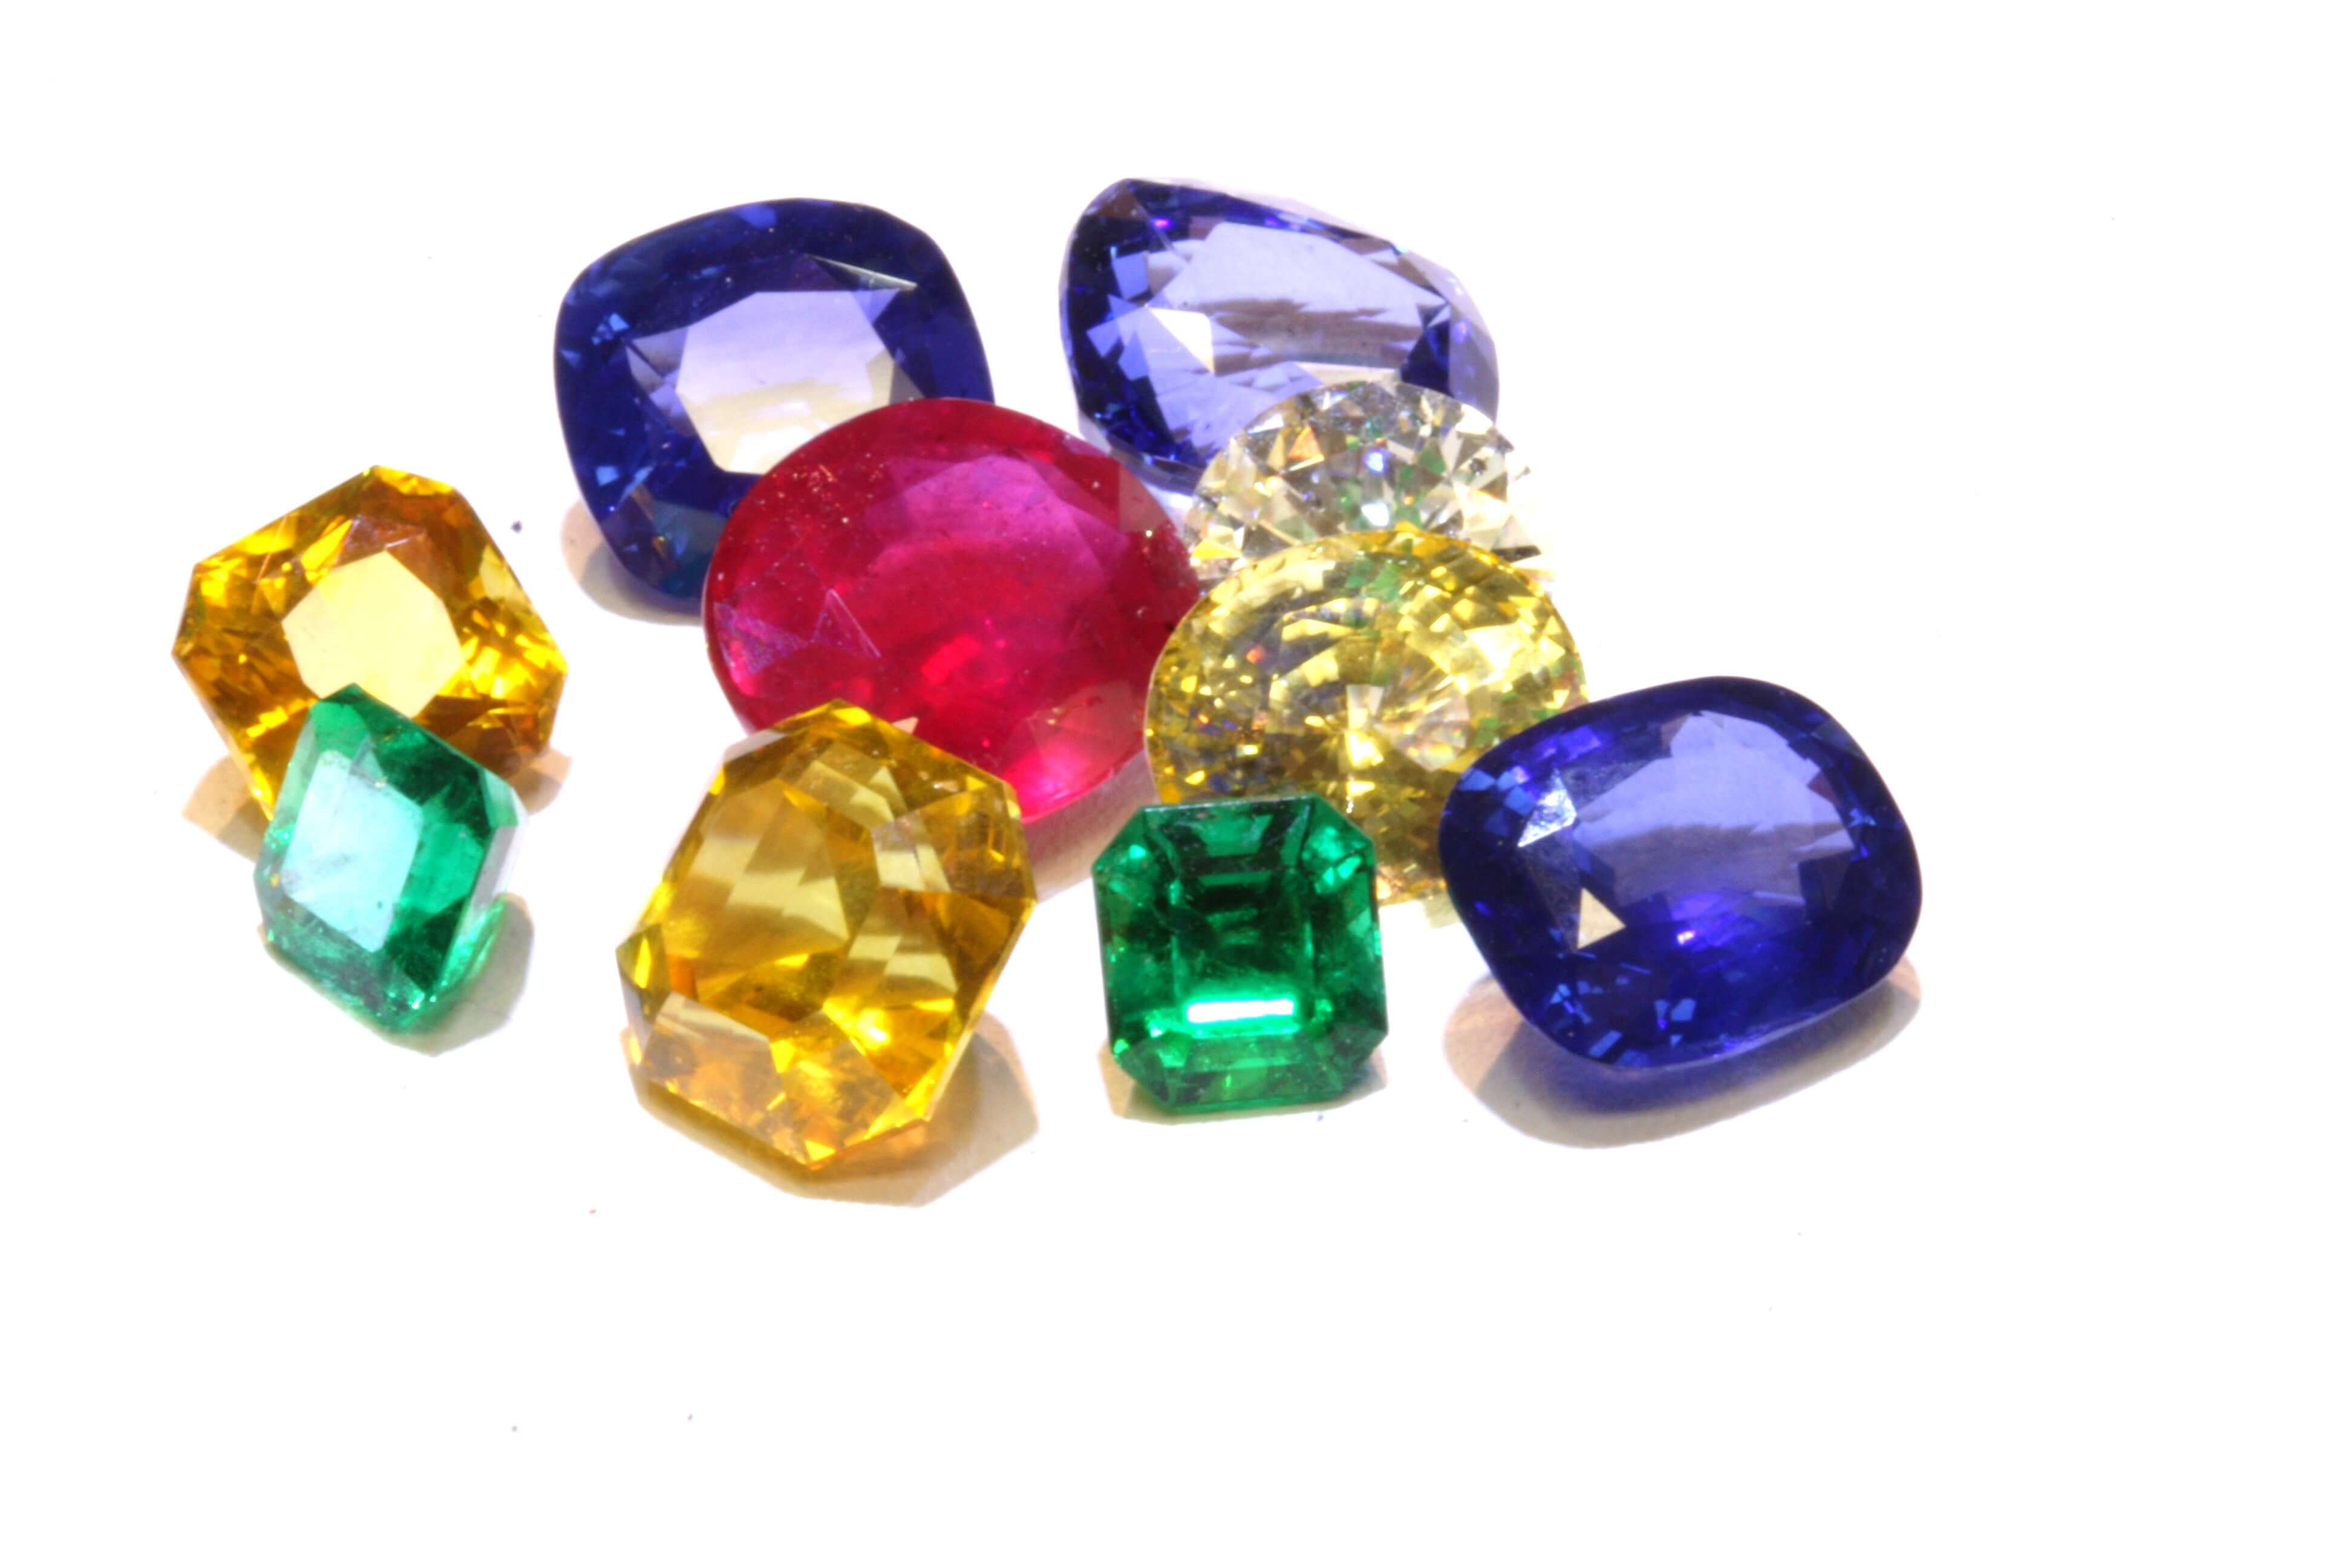 Comprar piedras preciosas d nde coraz n de joyas for Piedra royal veta precio